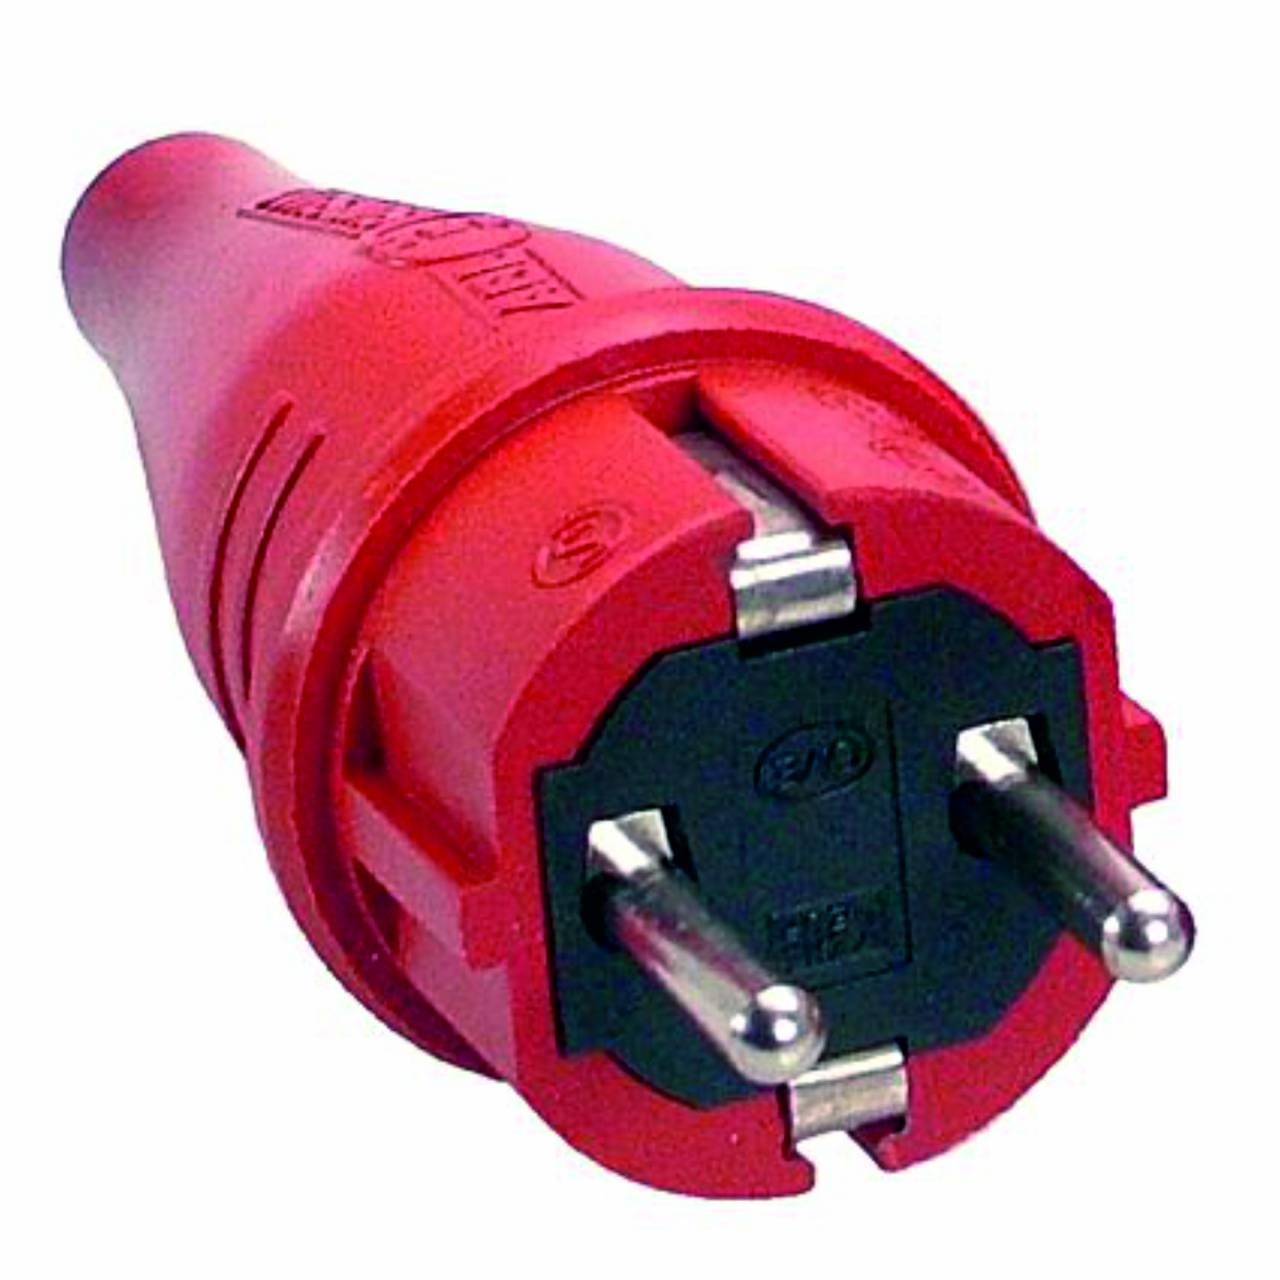 Schutzkontakt-Gummi-Stecker, rot, 230V, 16A, Außenbereich